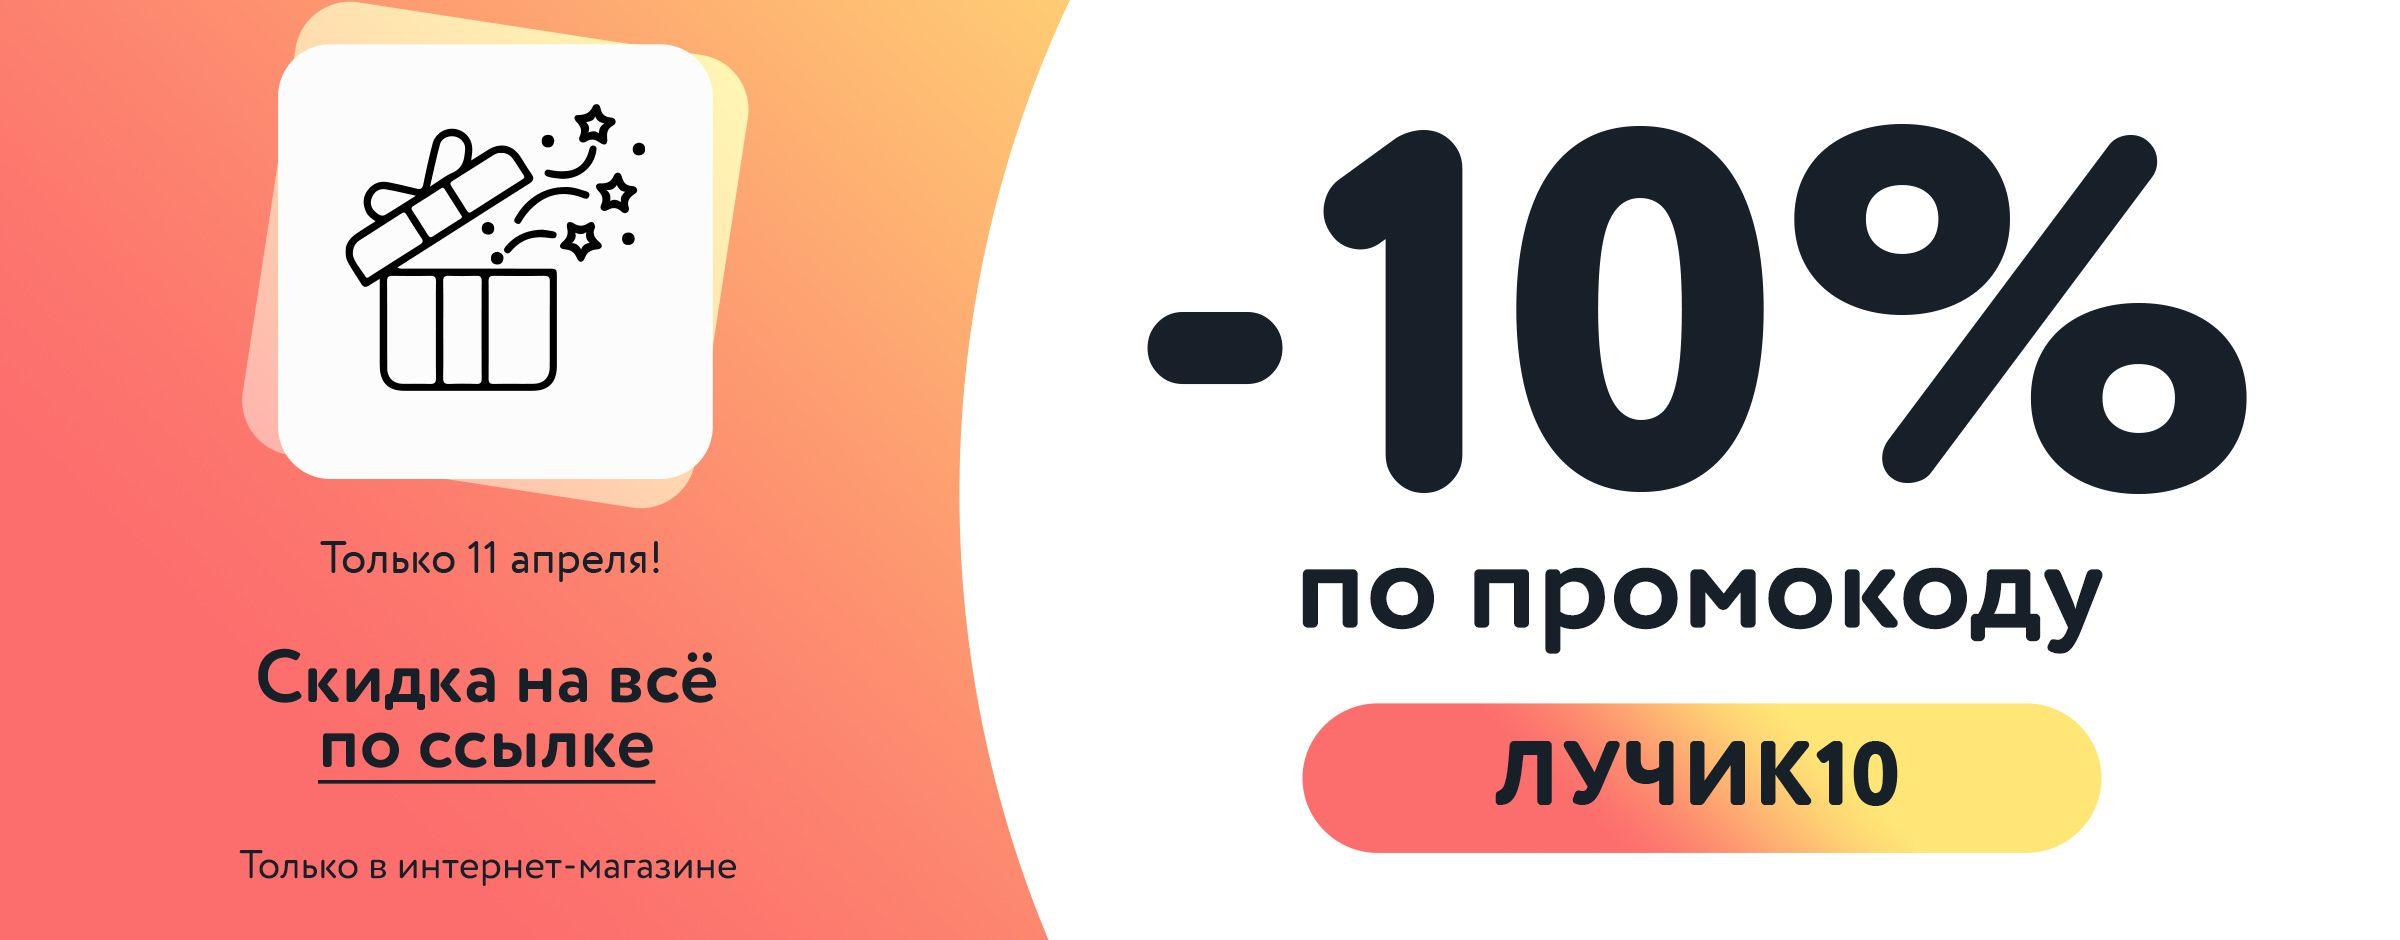 Доп. скидка  10% на товары из выделенного ассортимента по промокоду